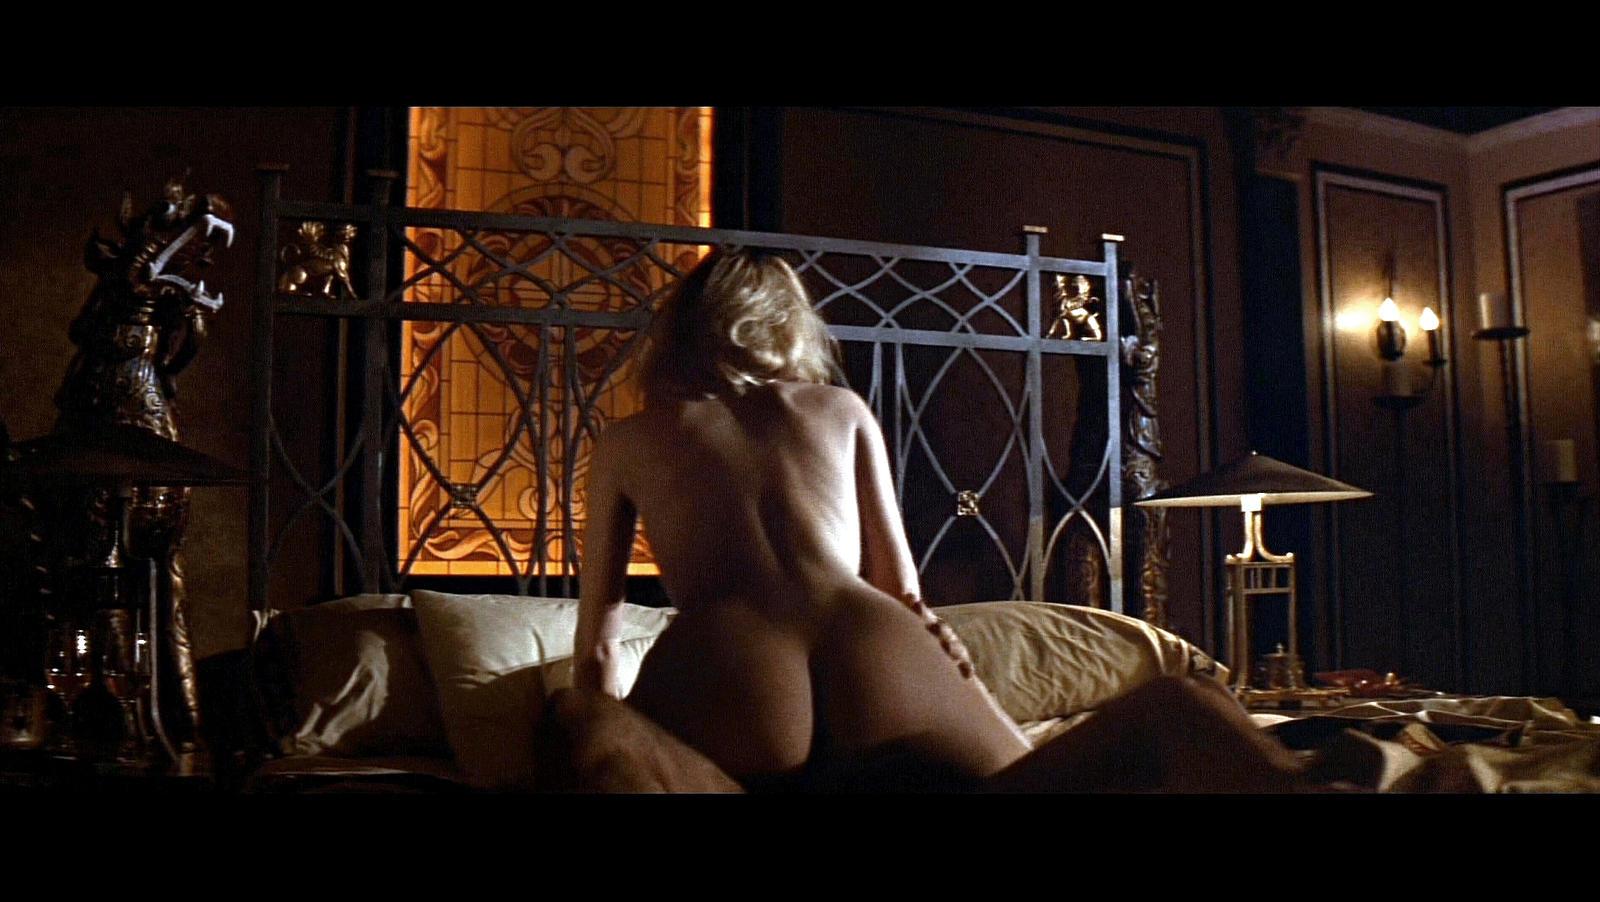 filmi-s-elementami-erotiki